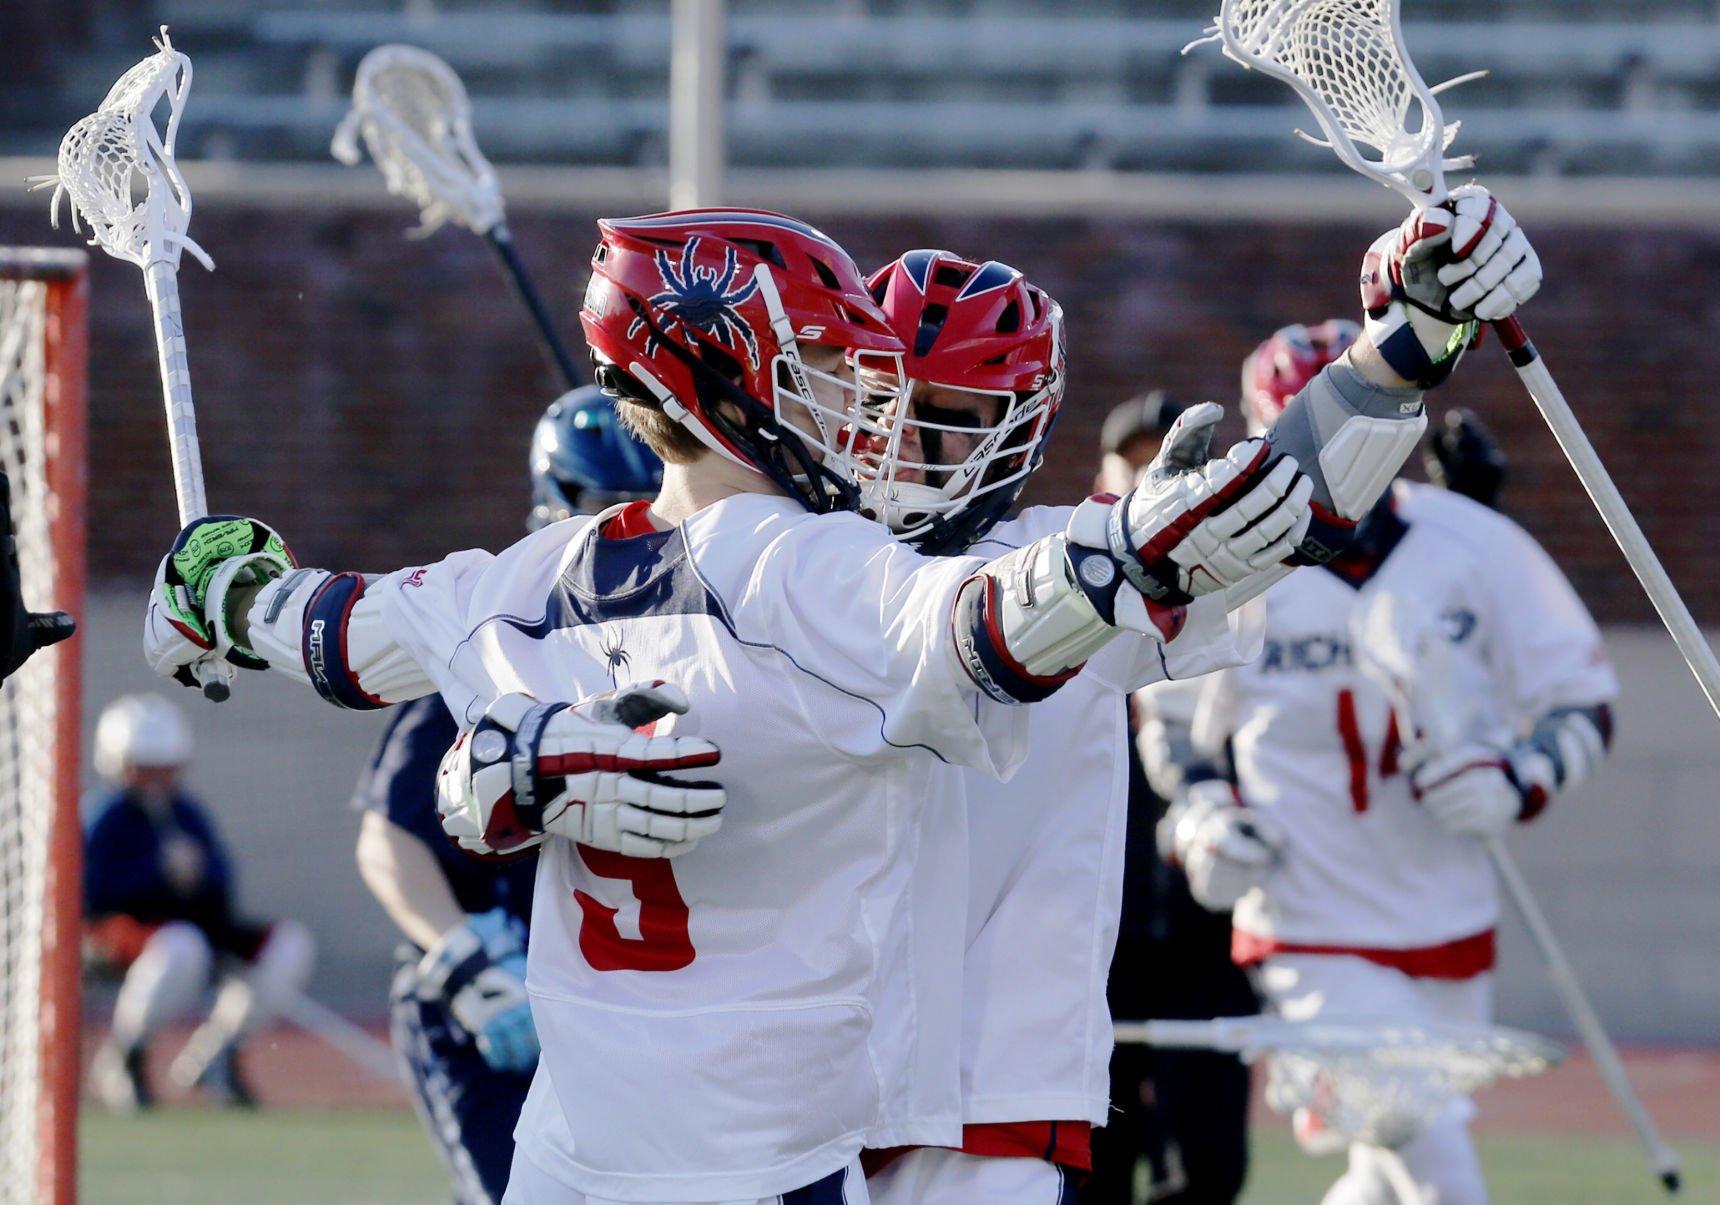 Lacrosse Unlimited University of Maryland Lacrosse Shorts